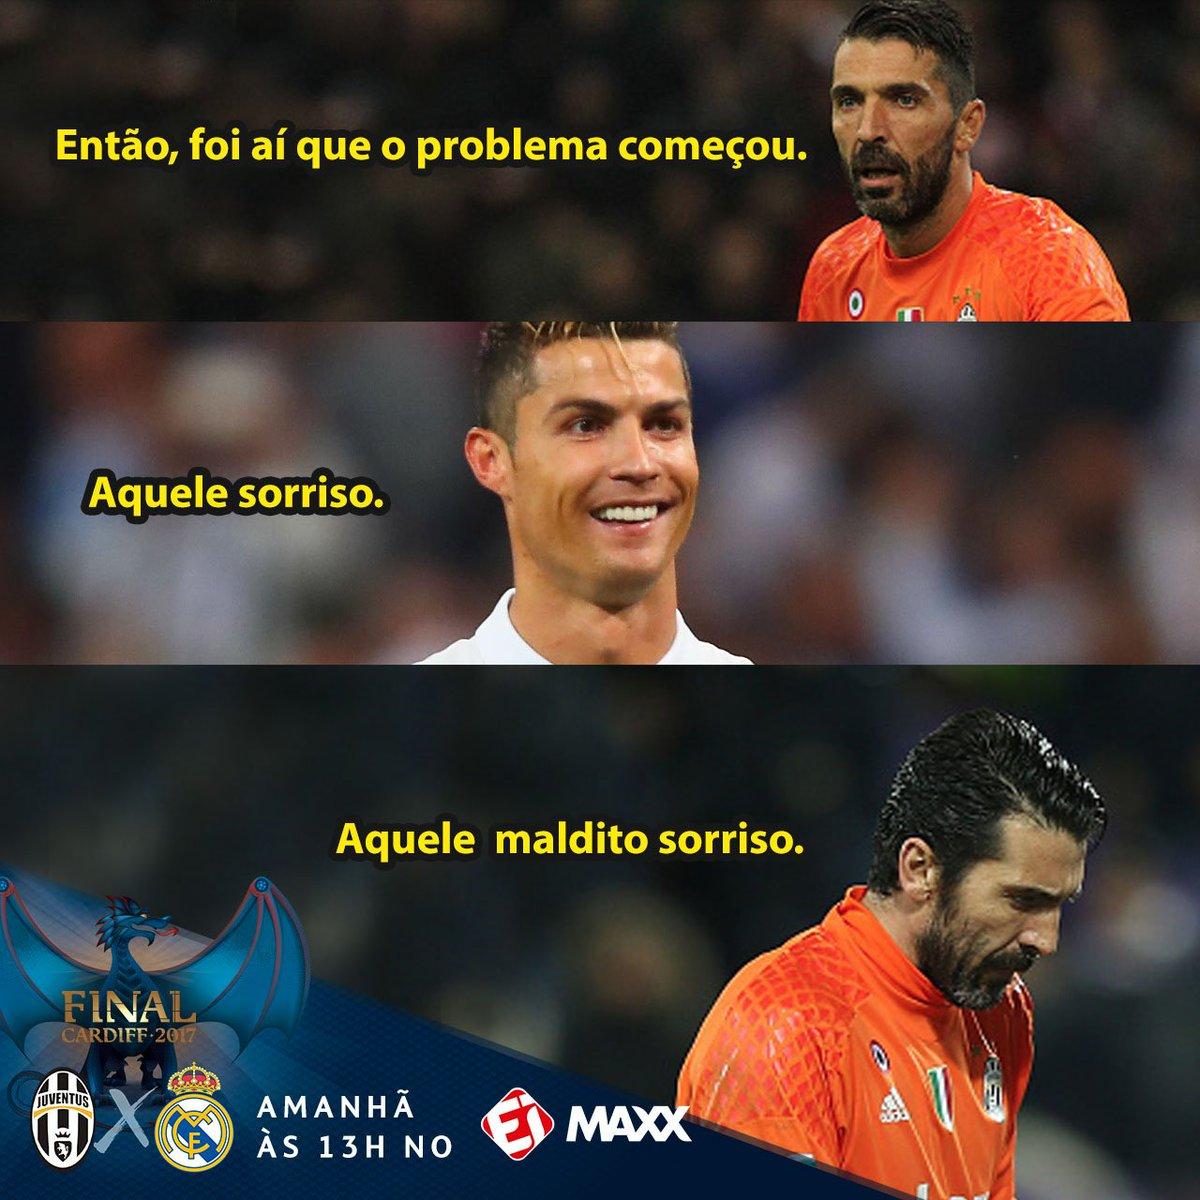 O sorriso de quem marcou cinco gols em quatro jogos contra ! Cristiano  Ronaldo é o f4a423b752273